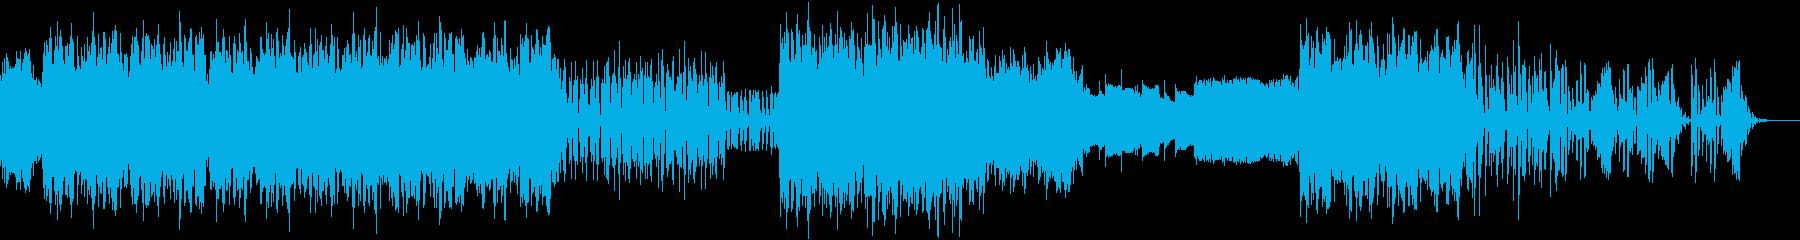 原始人の踊りの再生済みの波形